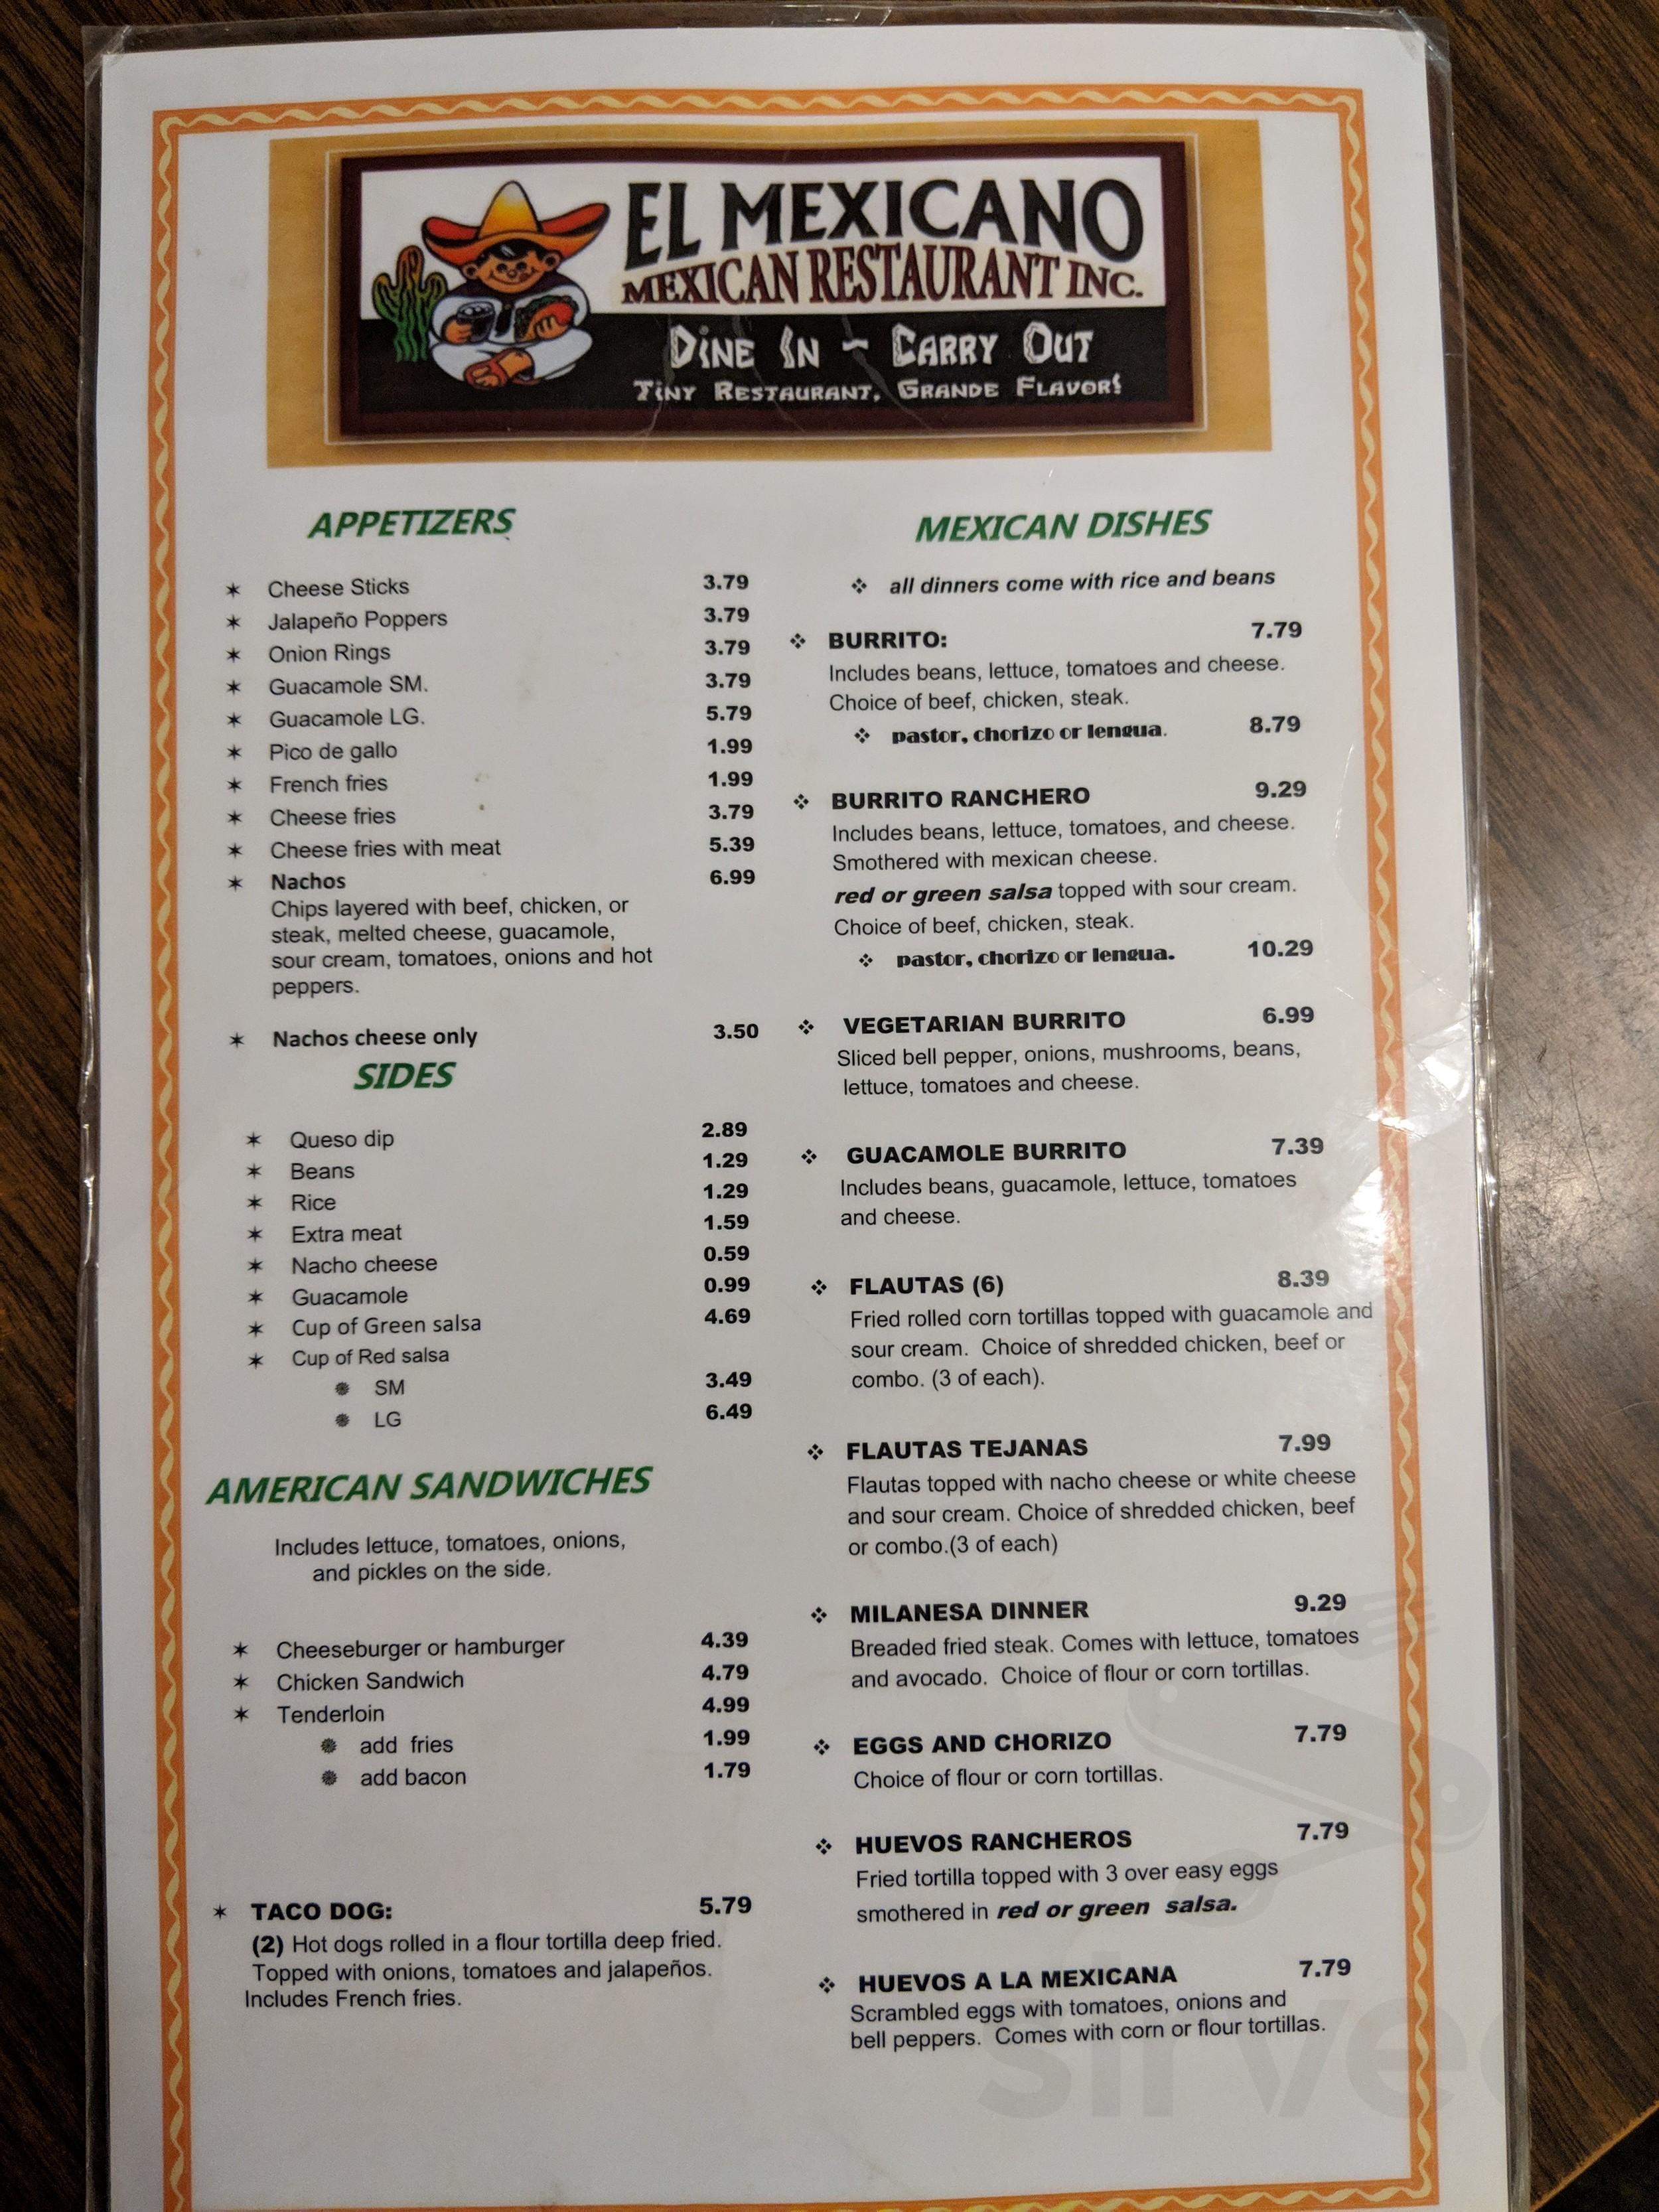 El Mexicano Restaurant Menu In Peoria Illinois Usa